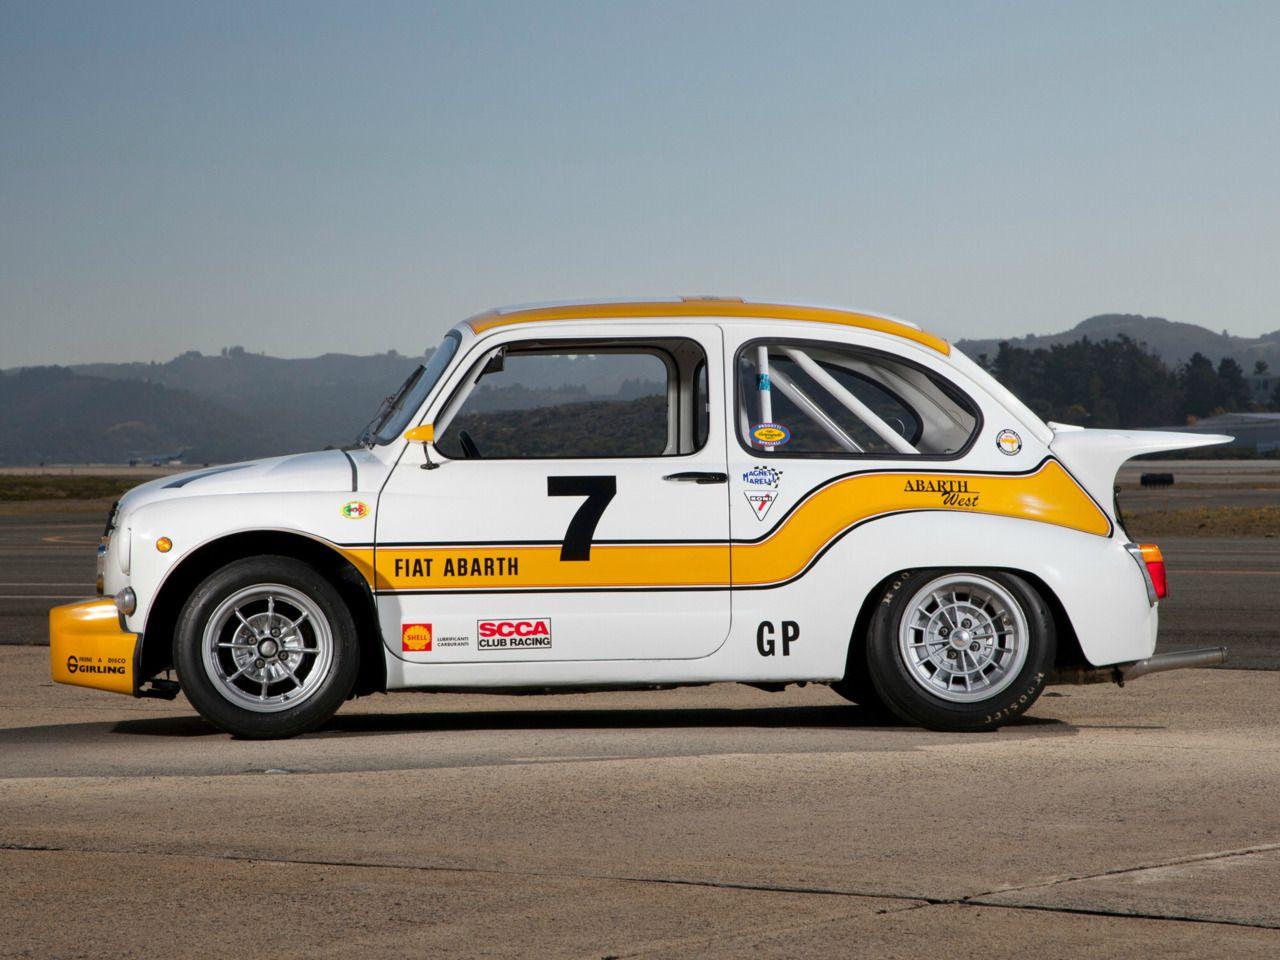 1970 Fiat Abarth 1000 Tcr Gruppo 2 Pic2 Abarth Rare